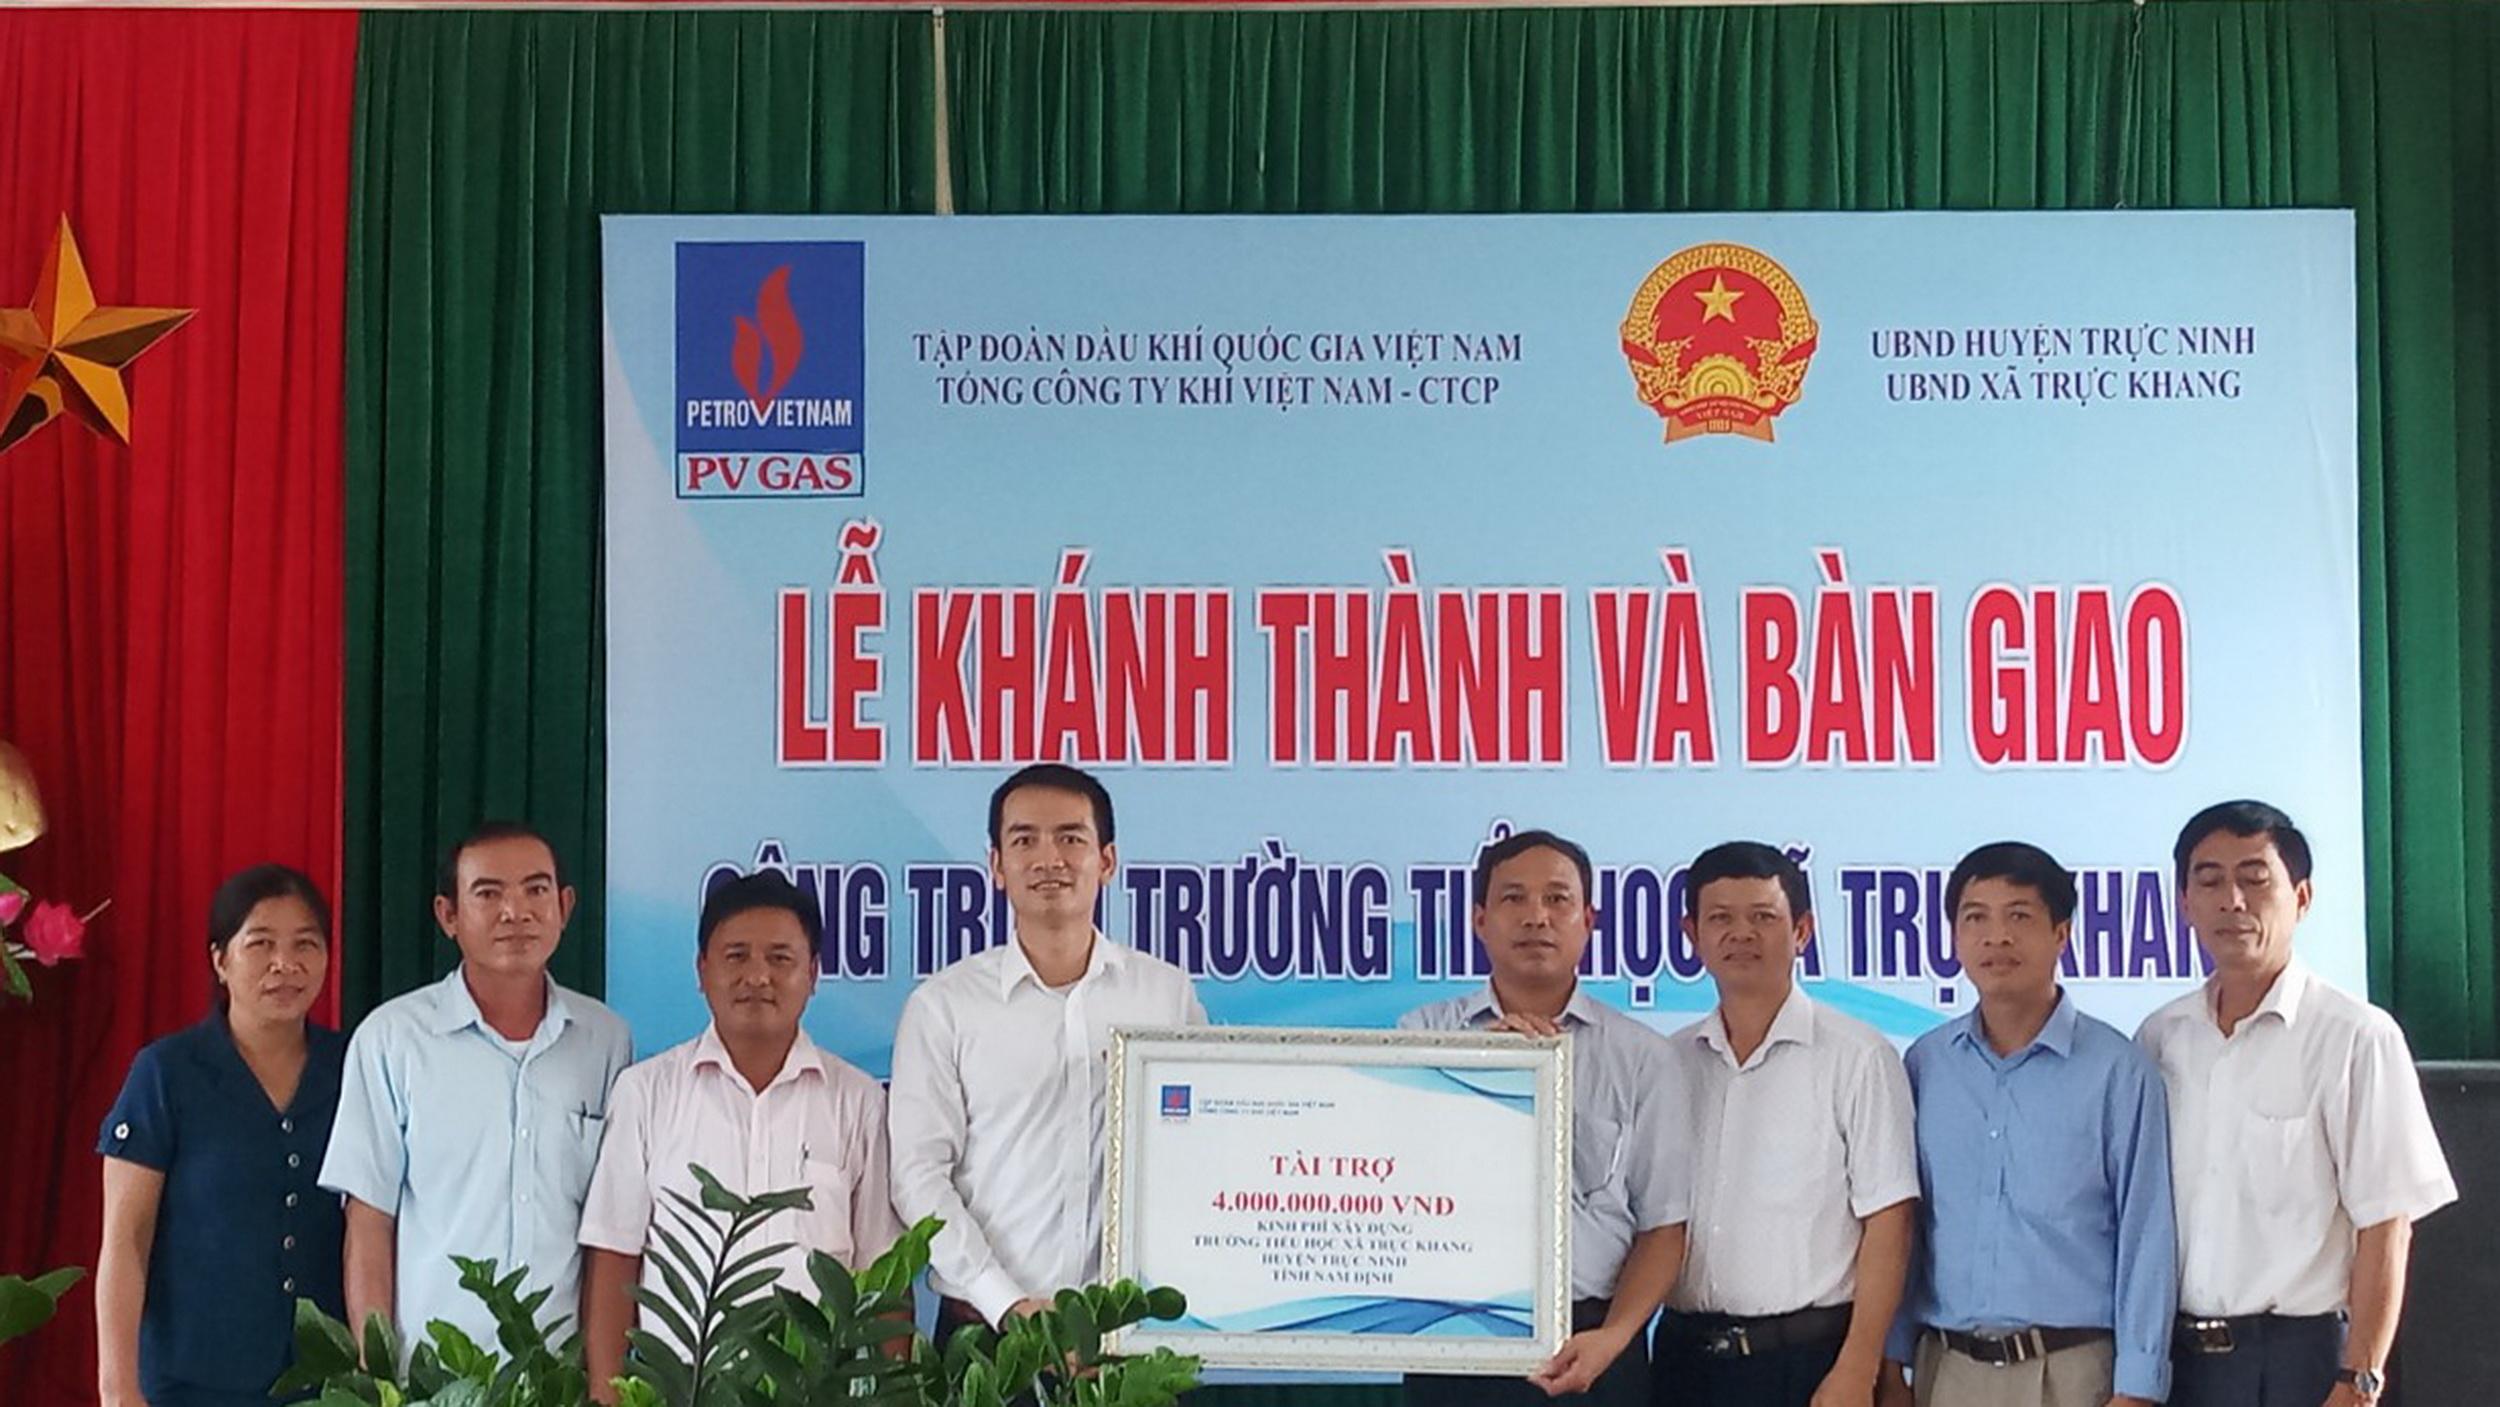 Đại diện PV GAS trao chứng nhận tài trợ 4 tỷ đồng xây dựng trường Tiểu học Trực Khang